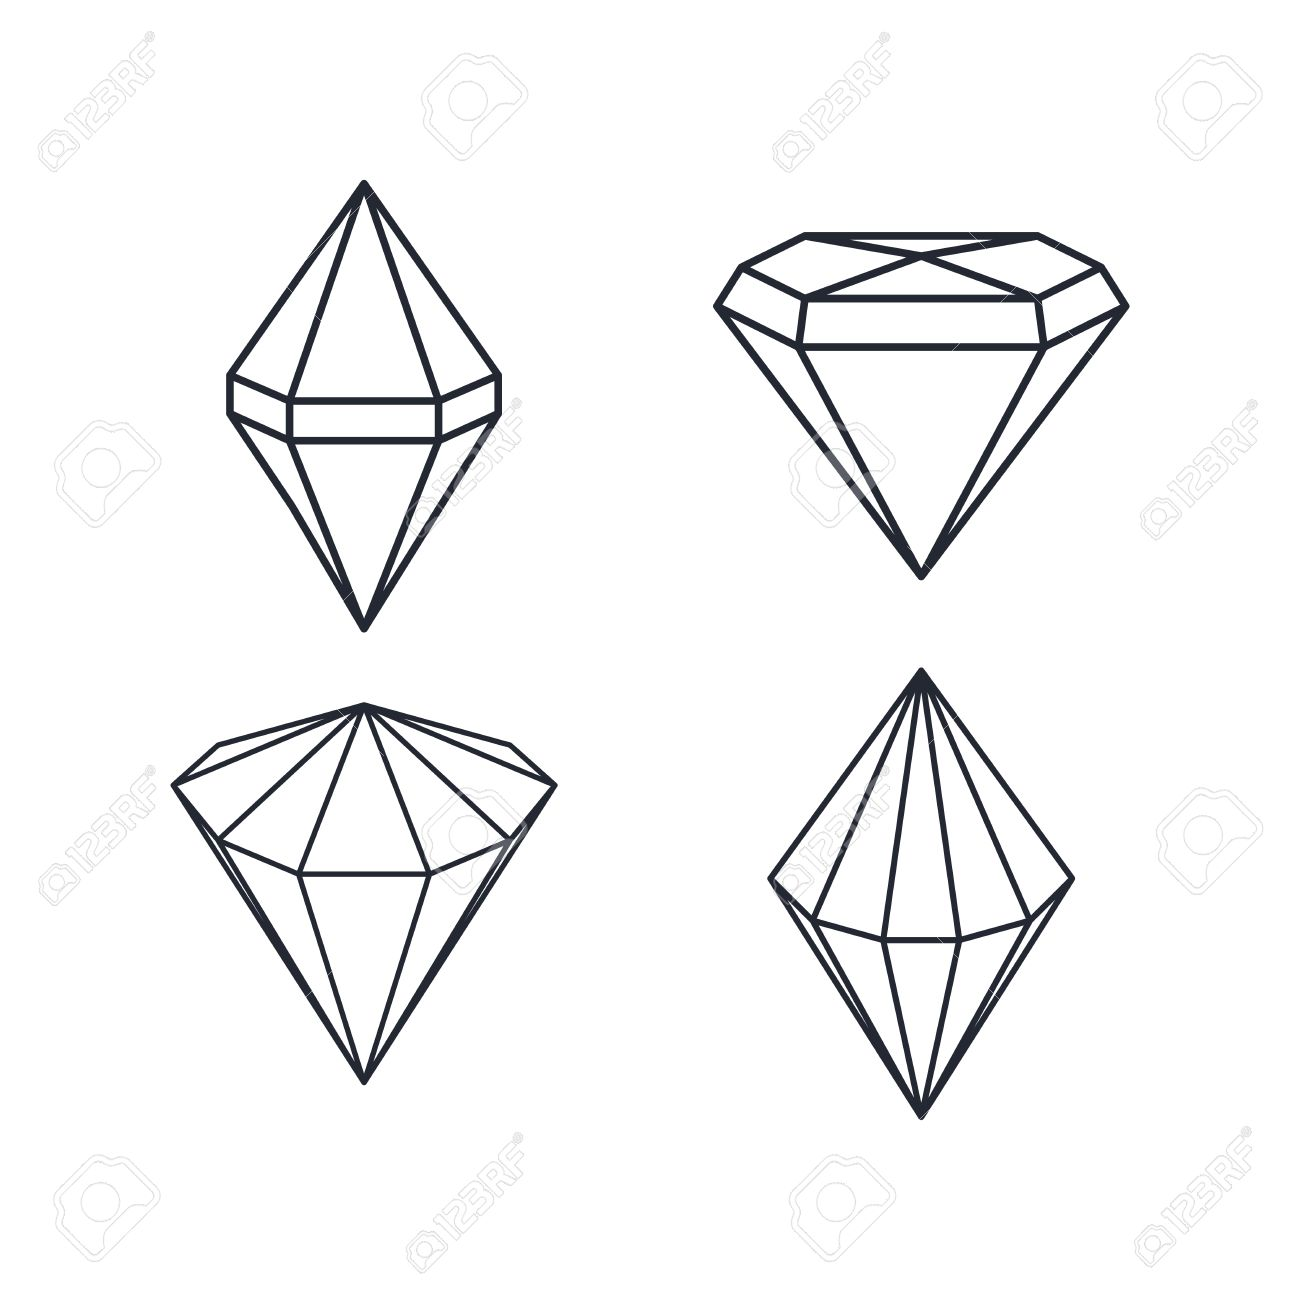 Preziosa Gemma Diamante Tema Illustrazione Vettoriale Arte Clipart.